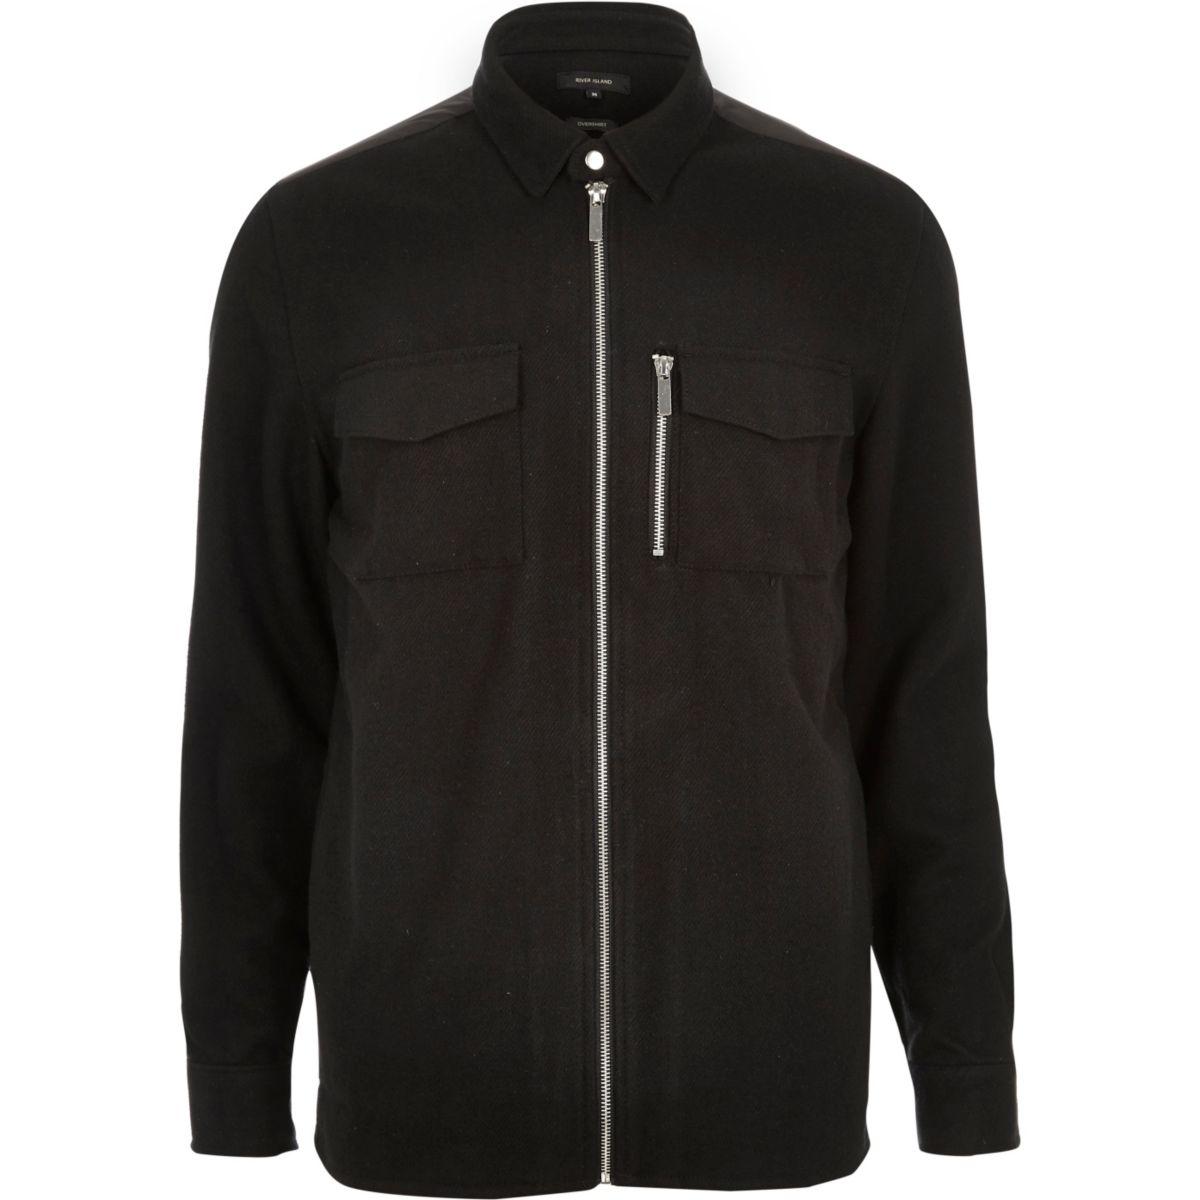 Zwart flanellen overhemdjack met rits voor